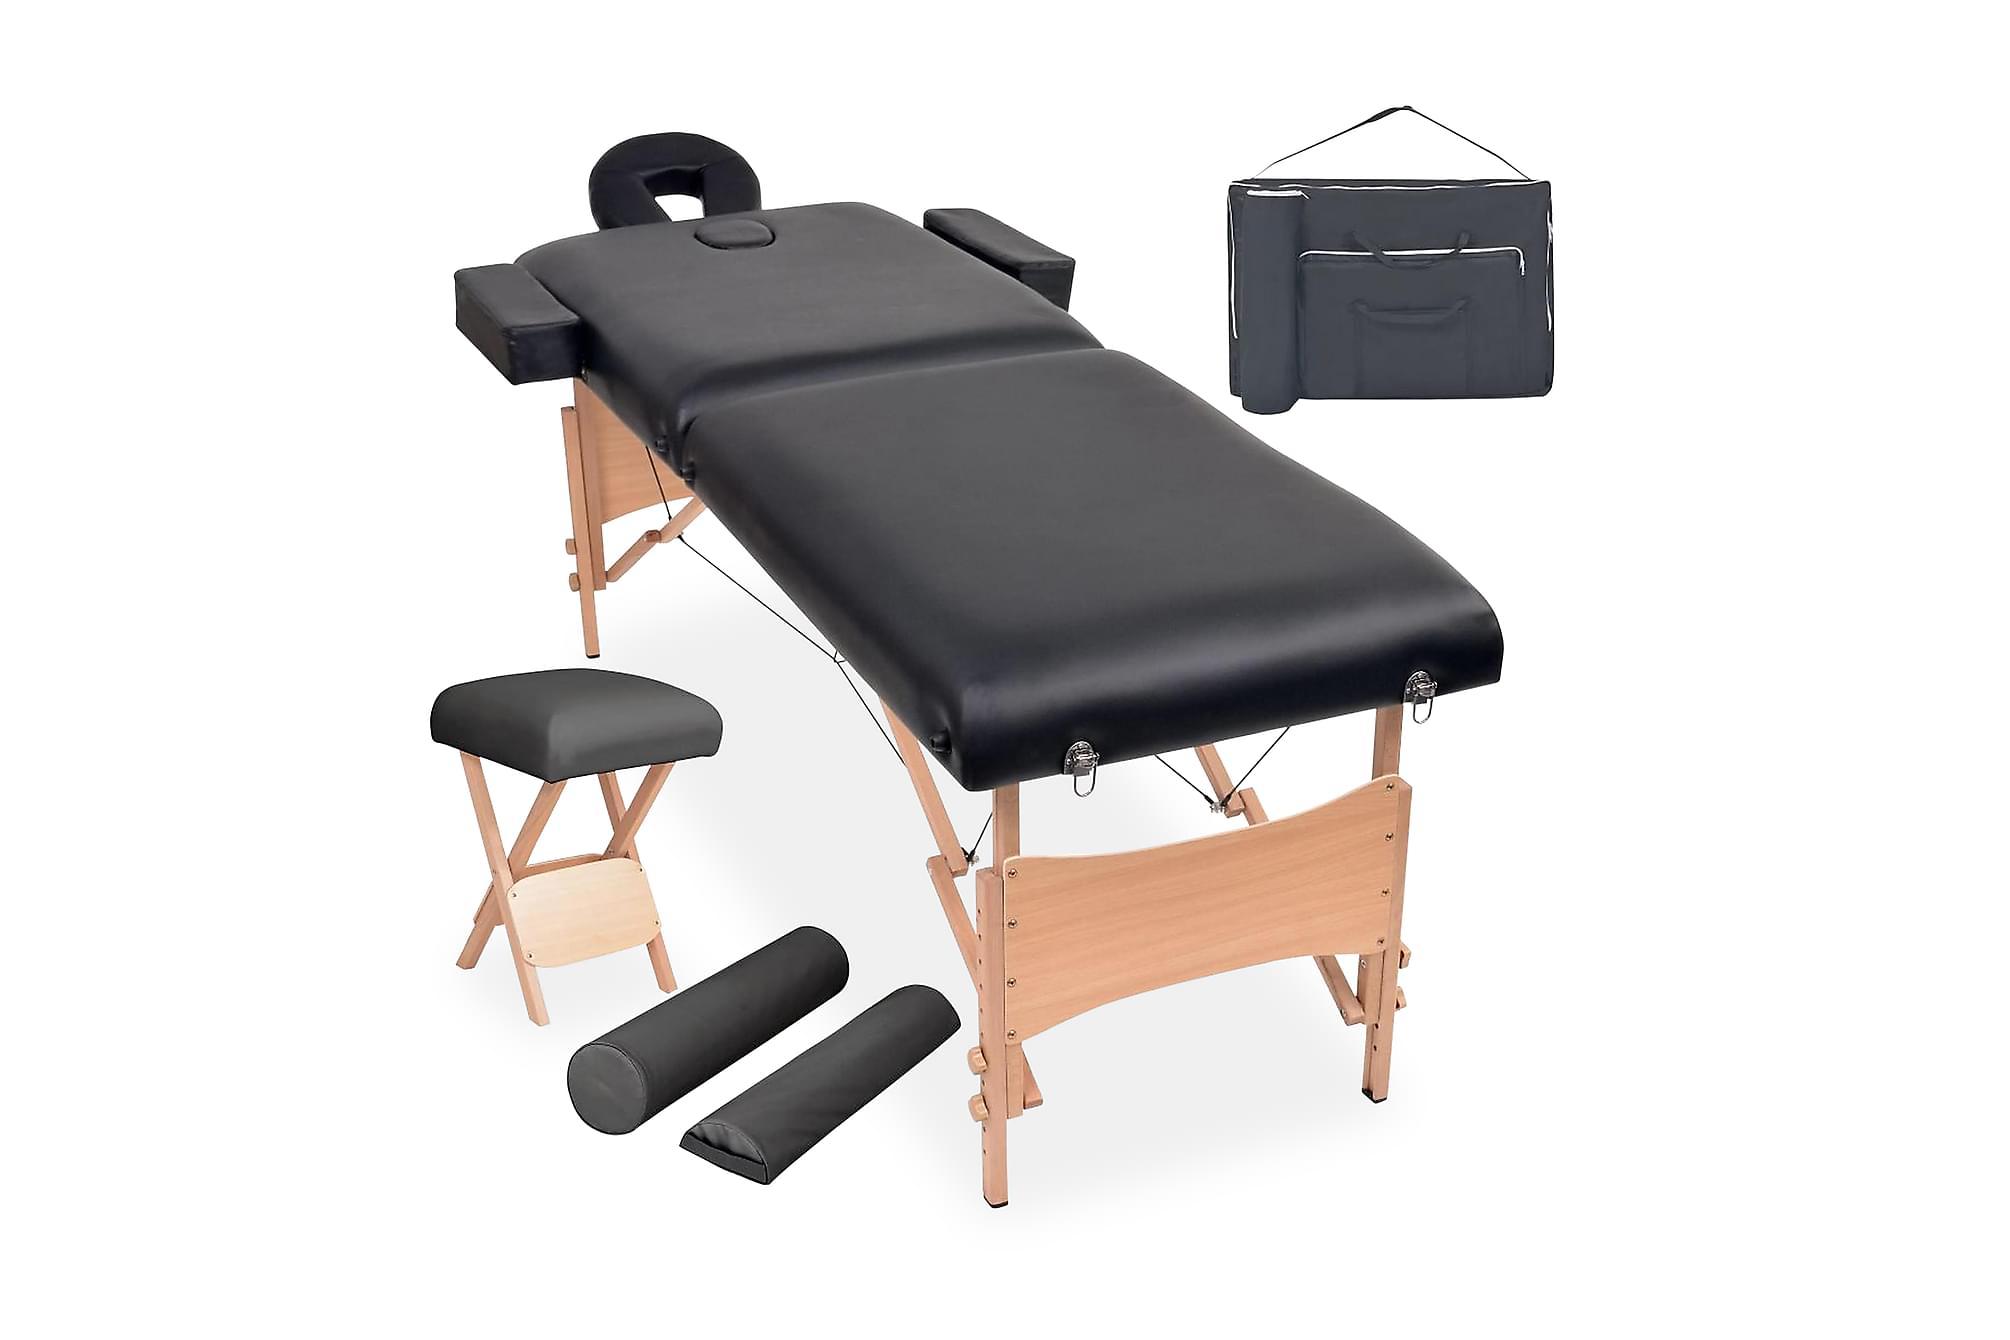 Hopfällbar massagebänk 2-delad+pall set svart